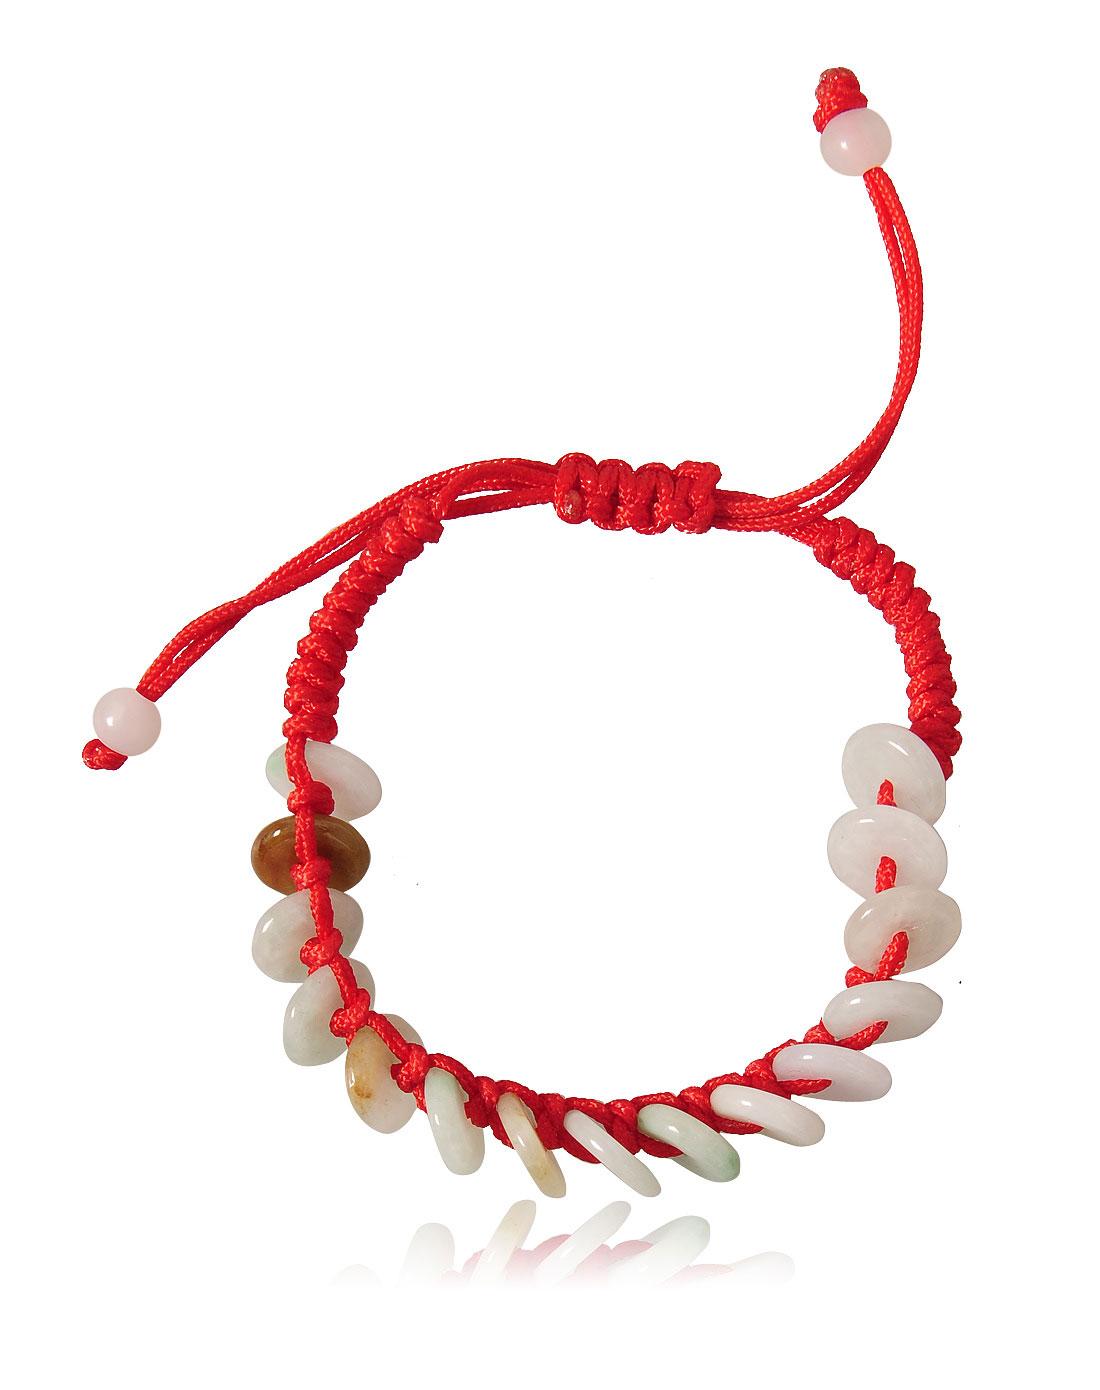 天然翡翠珠红线编织手链